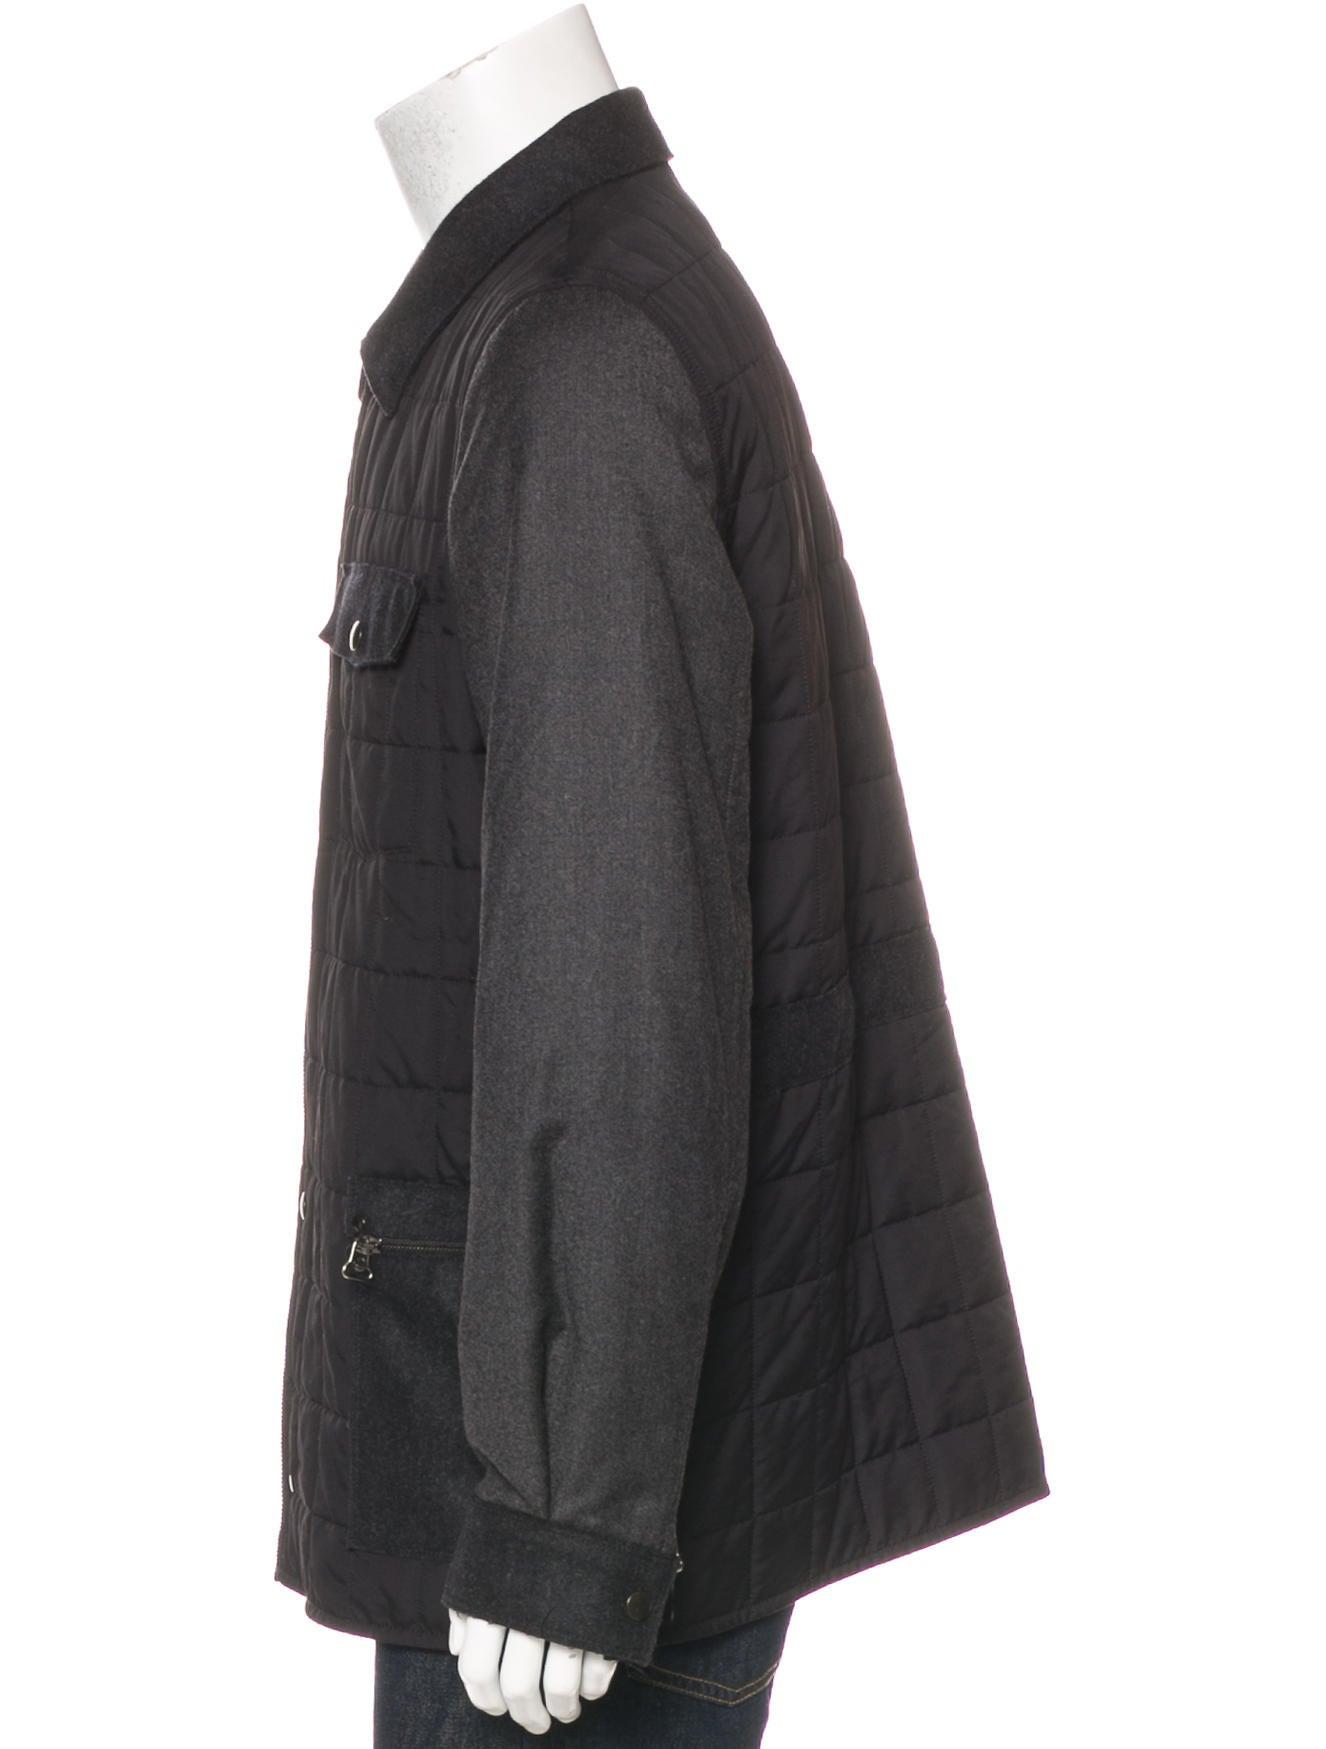 Lanvin Quilted Wool Blend Jacket Clothing Lan66746